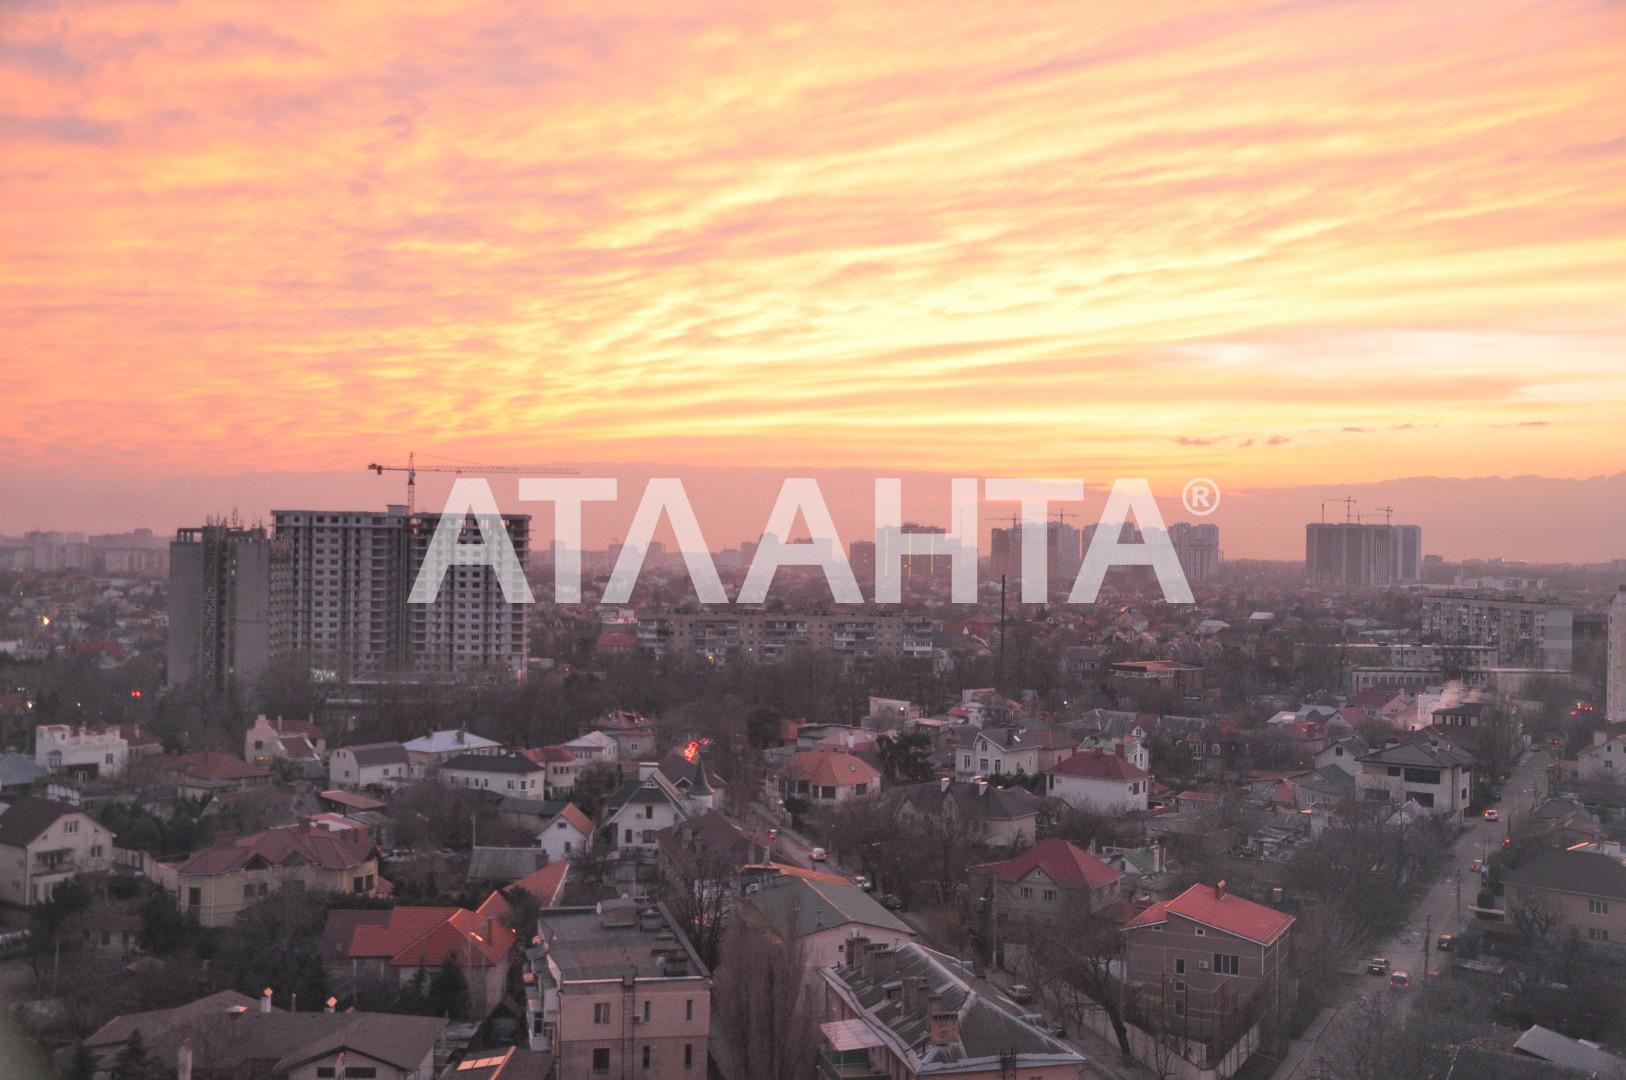 Продается 2-комнатная Квартира на ул. Каманина — 43 000 у.е. (фото №11)